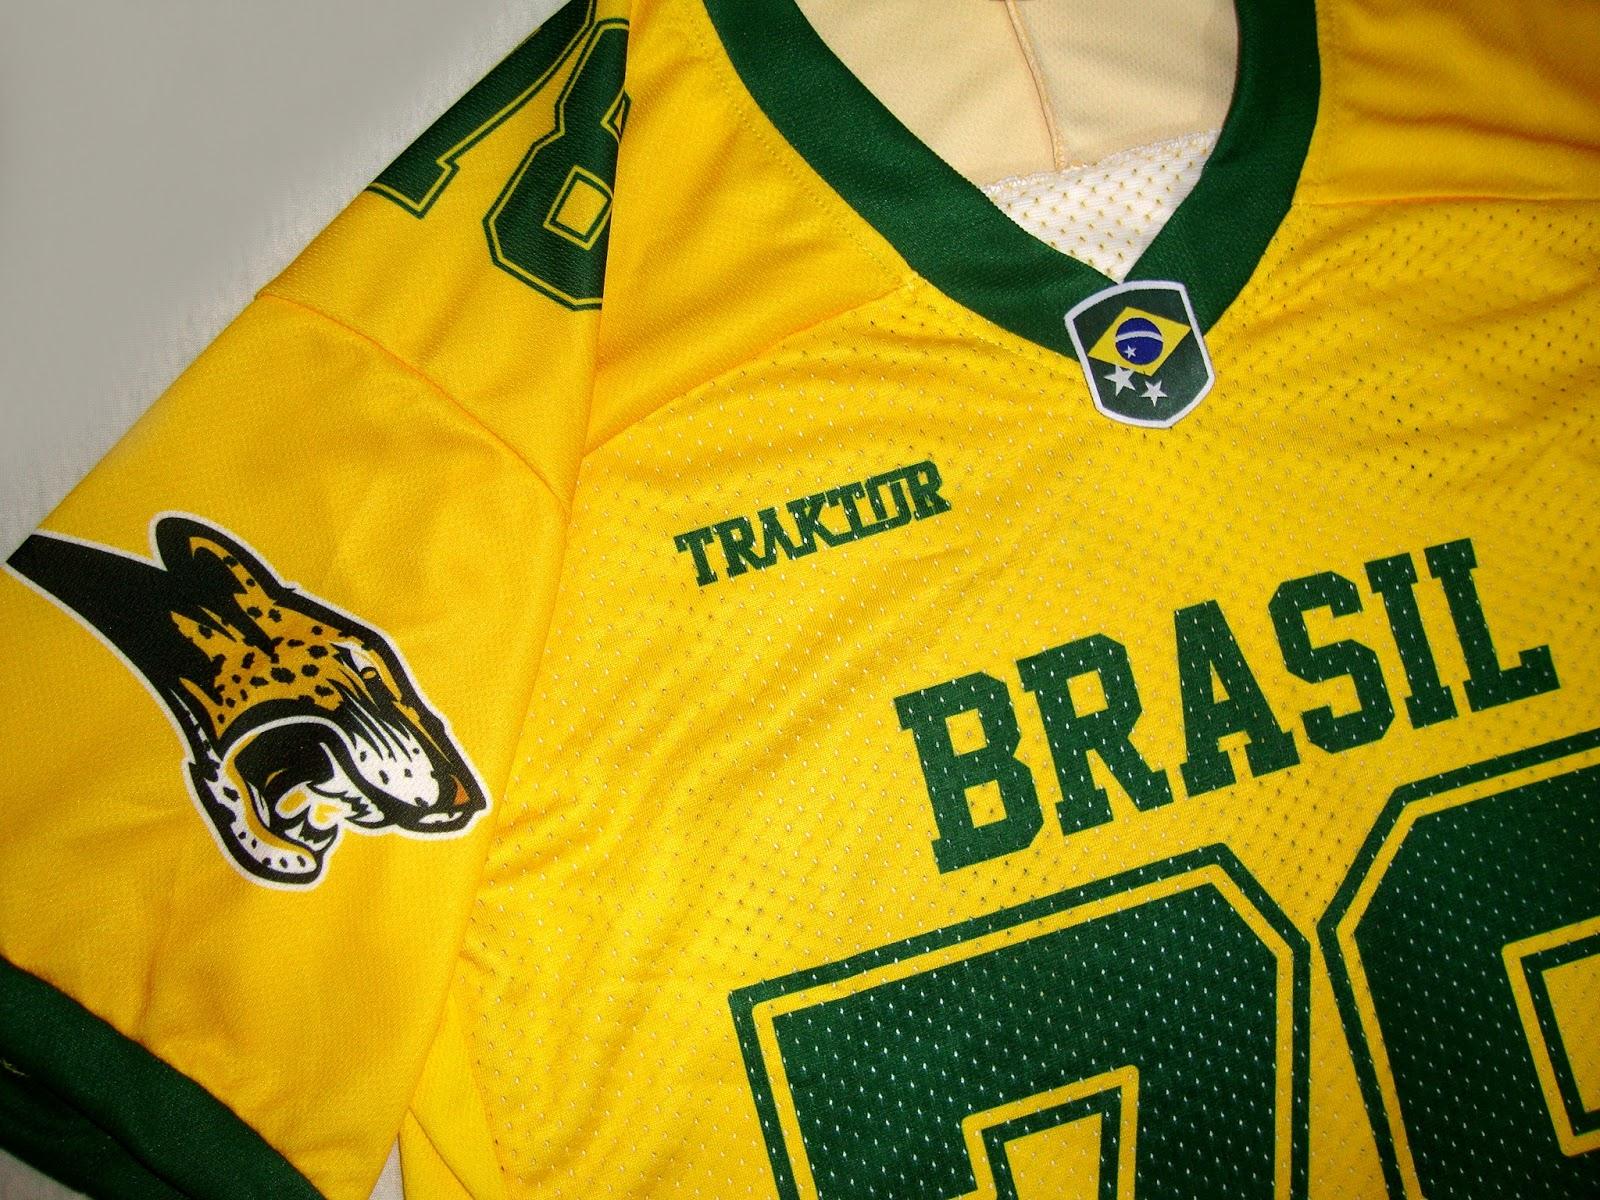 Acesse a loja Traktor e conheça também as camisas de clubes nacionais 0979426811dea